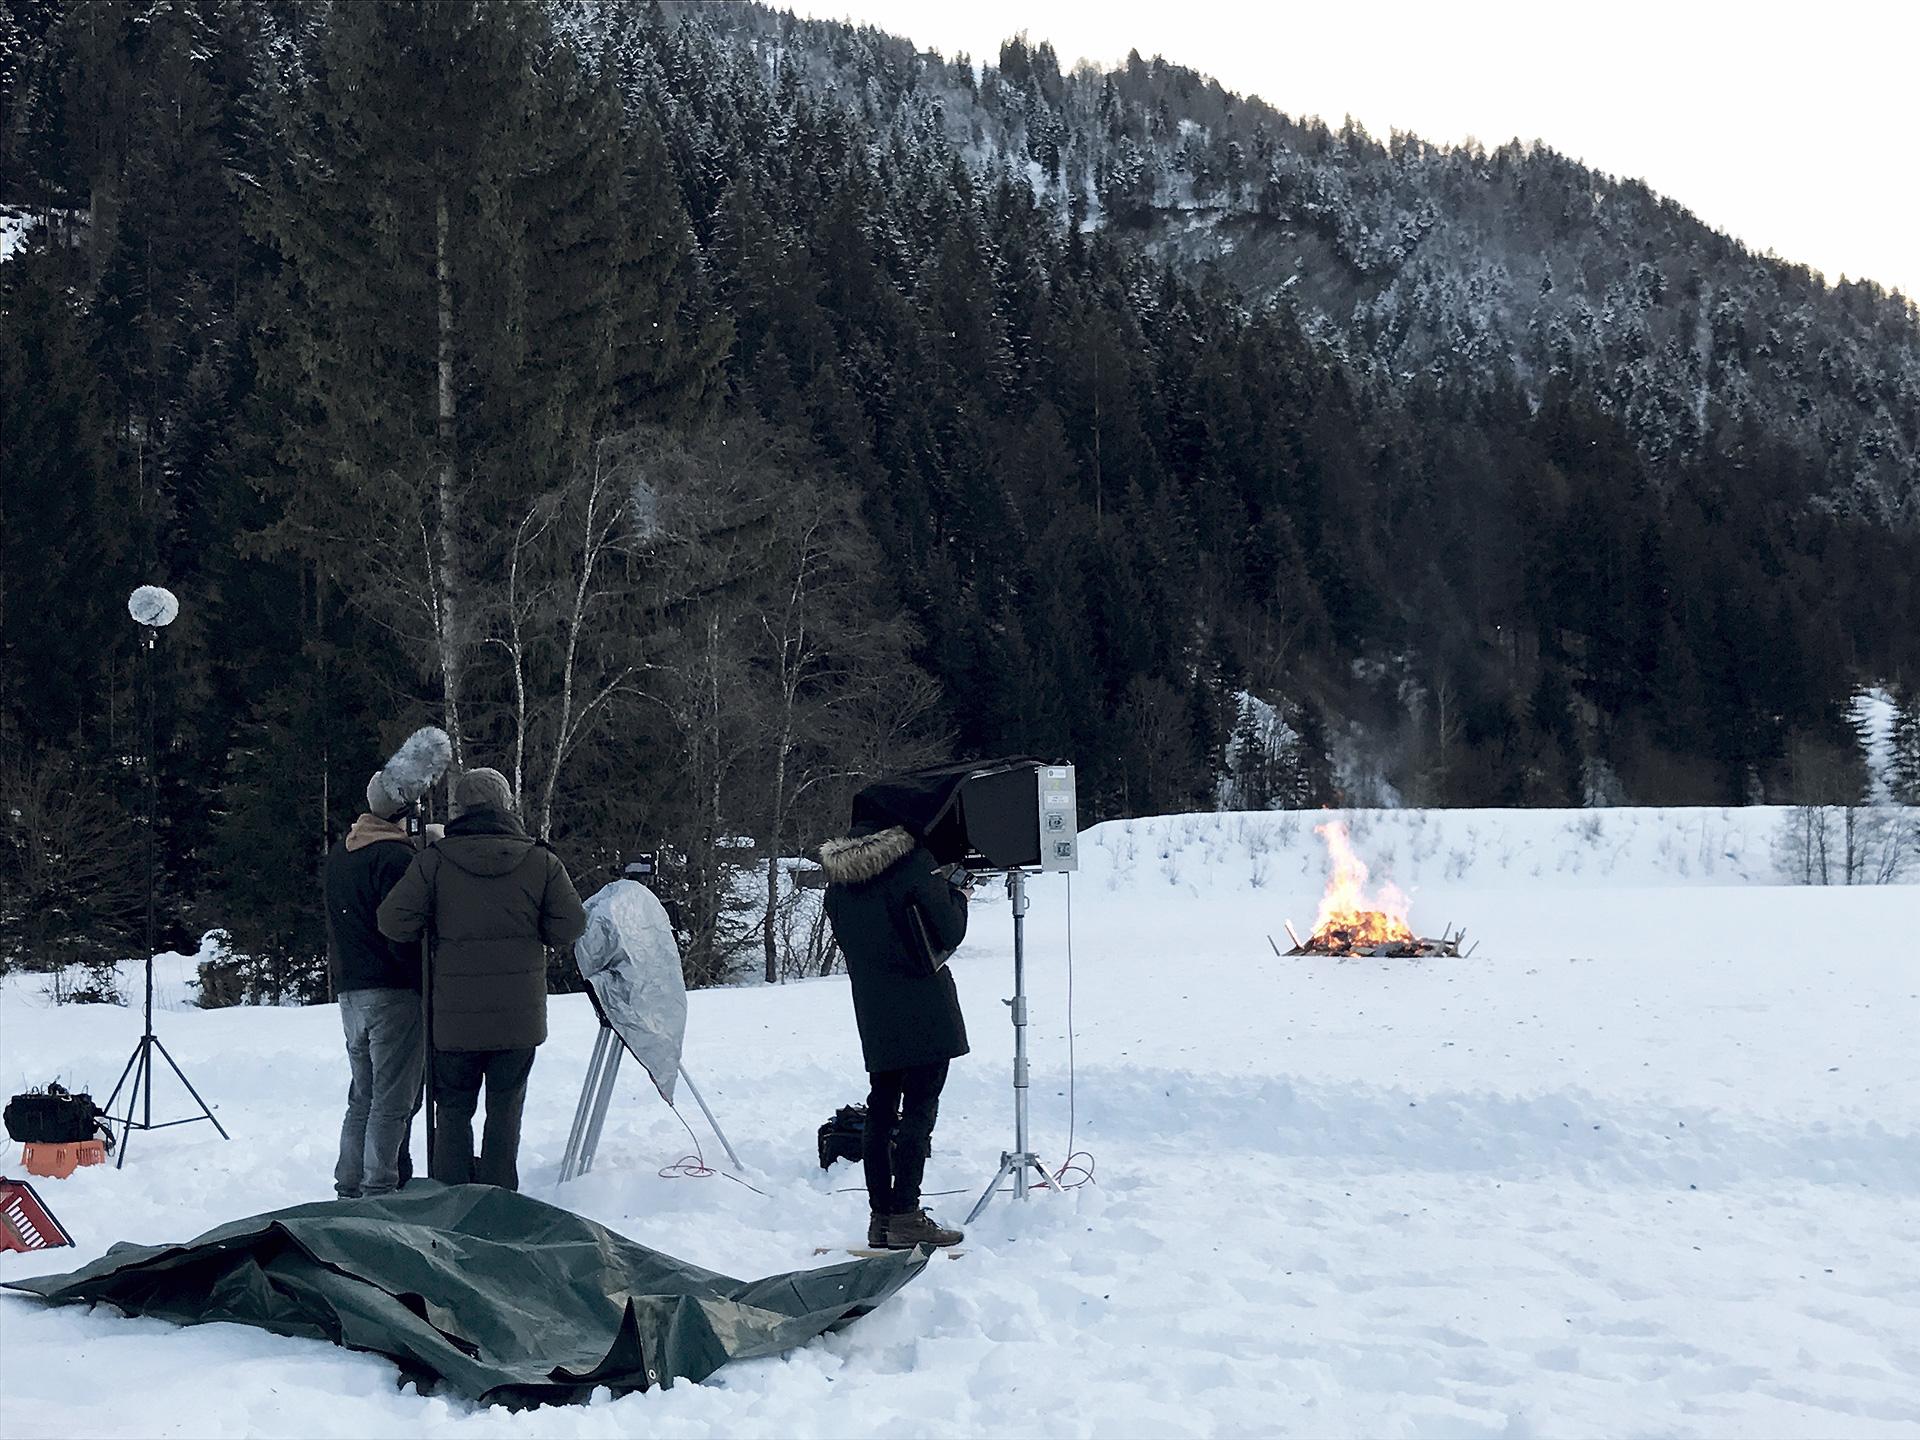 schaecher-film-behindthescenes9.jpg